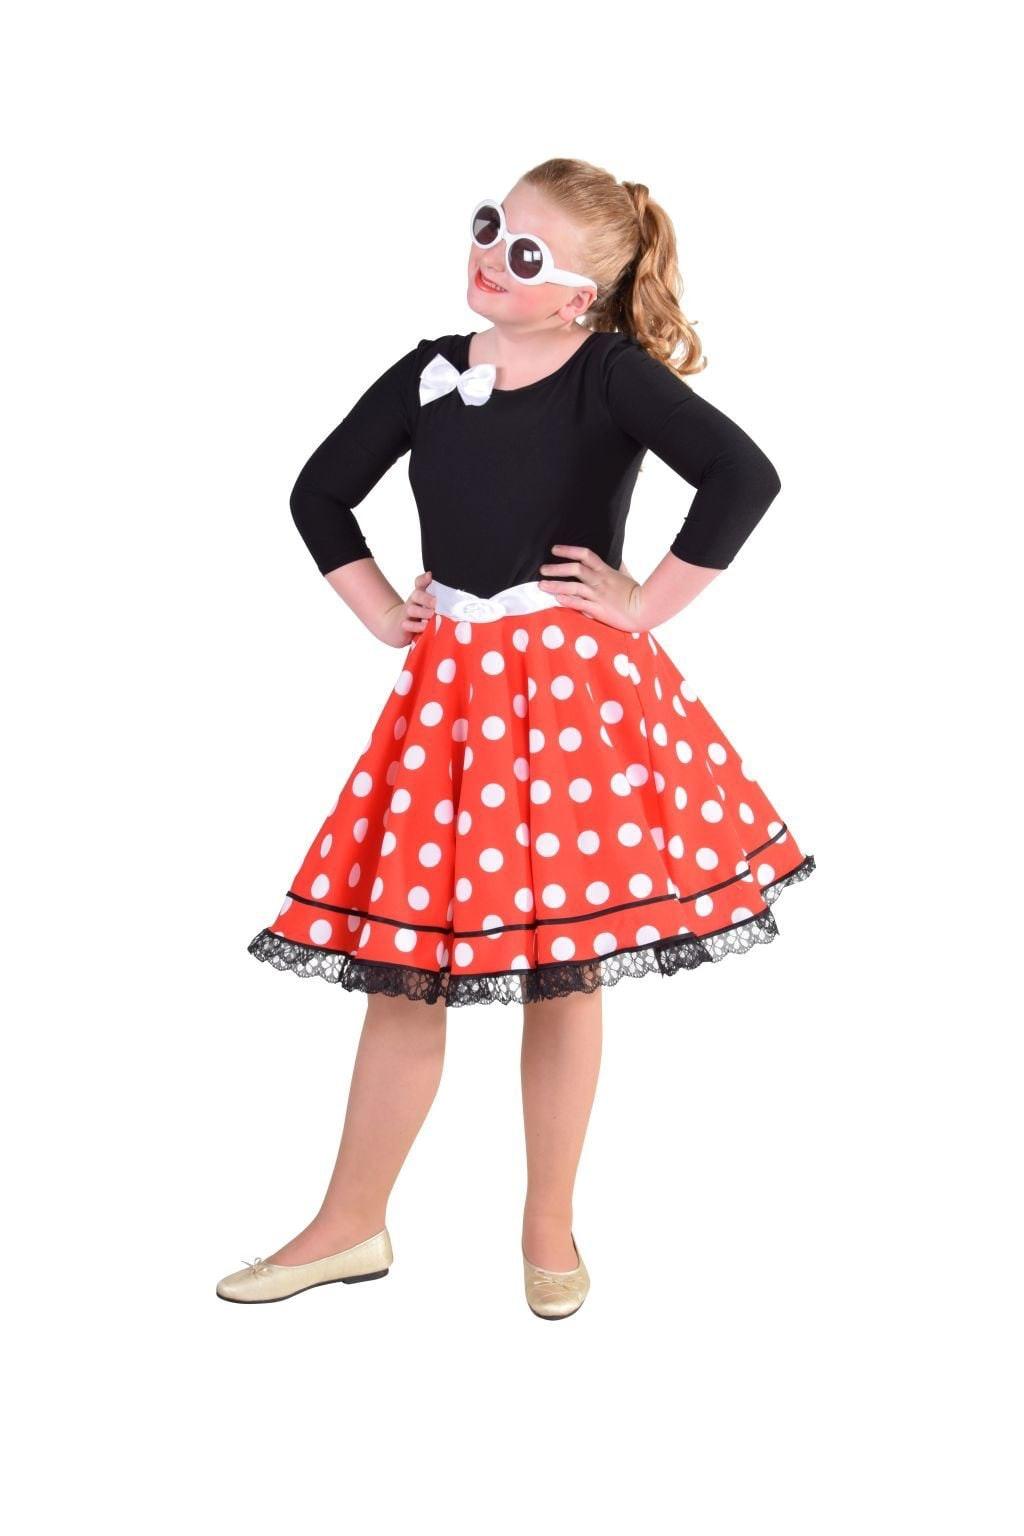 Rock'n roll jurk of Minni mouse op=op